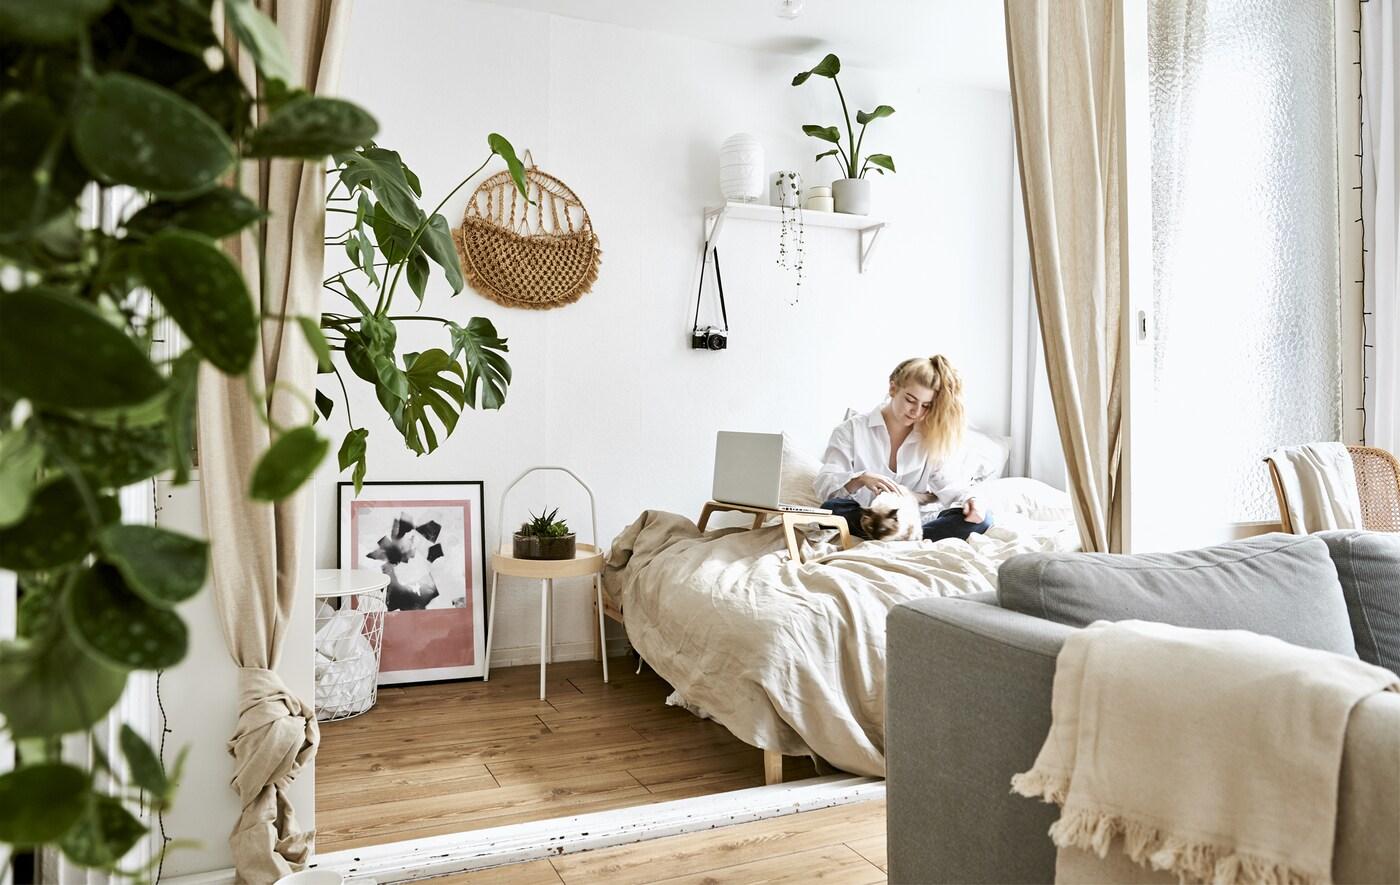 جولة في شقة في المدينة من غرفة واحدة - IKEA